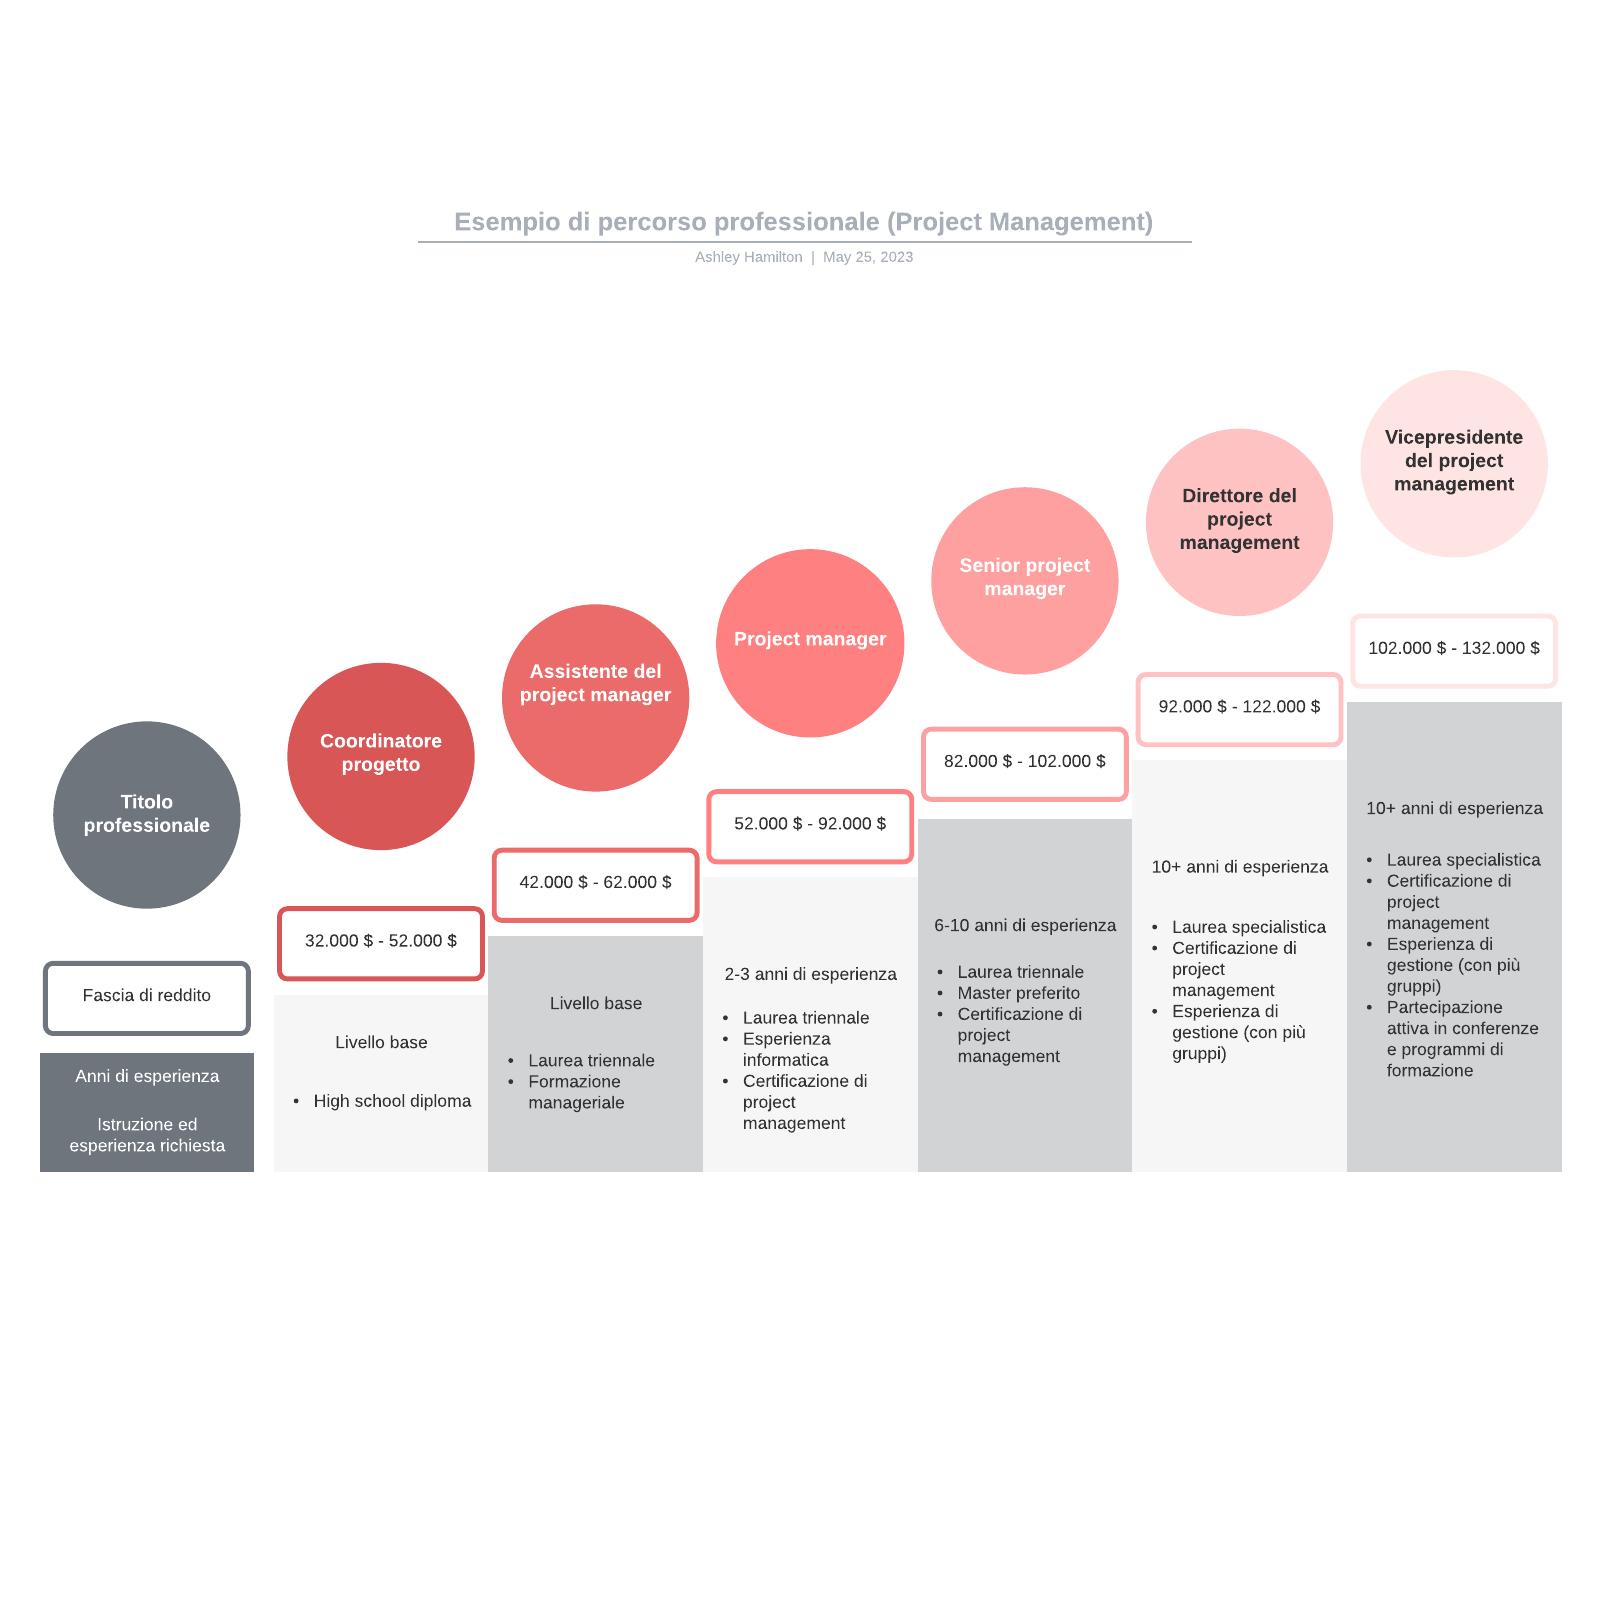 Esempio di percorso professionale (Project Management)